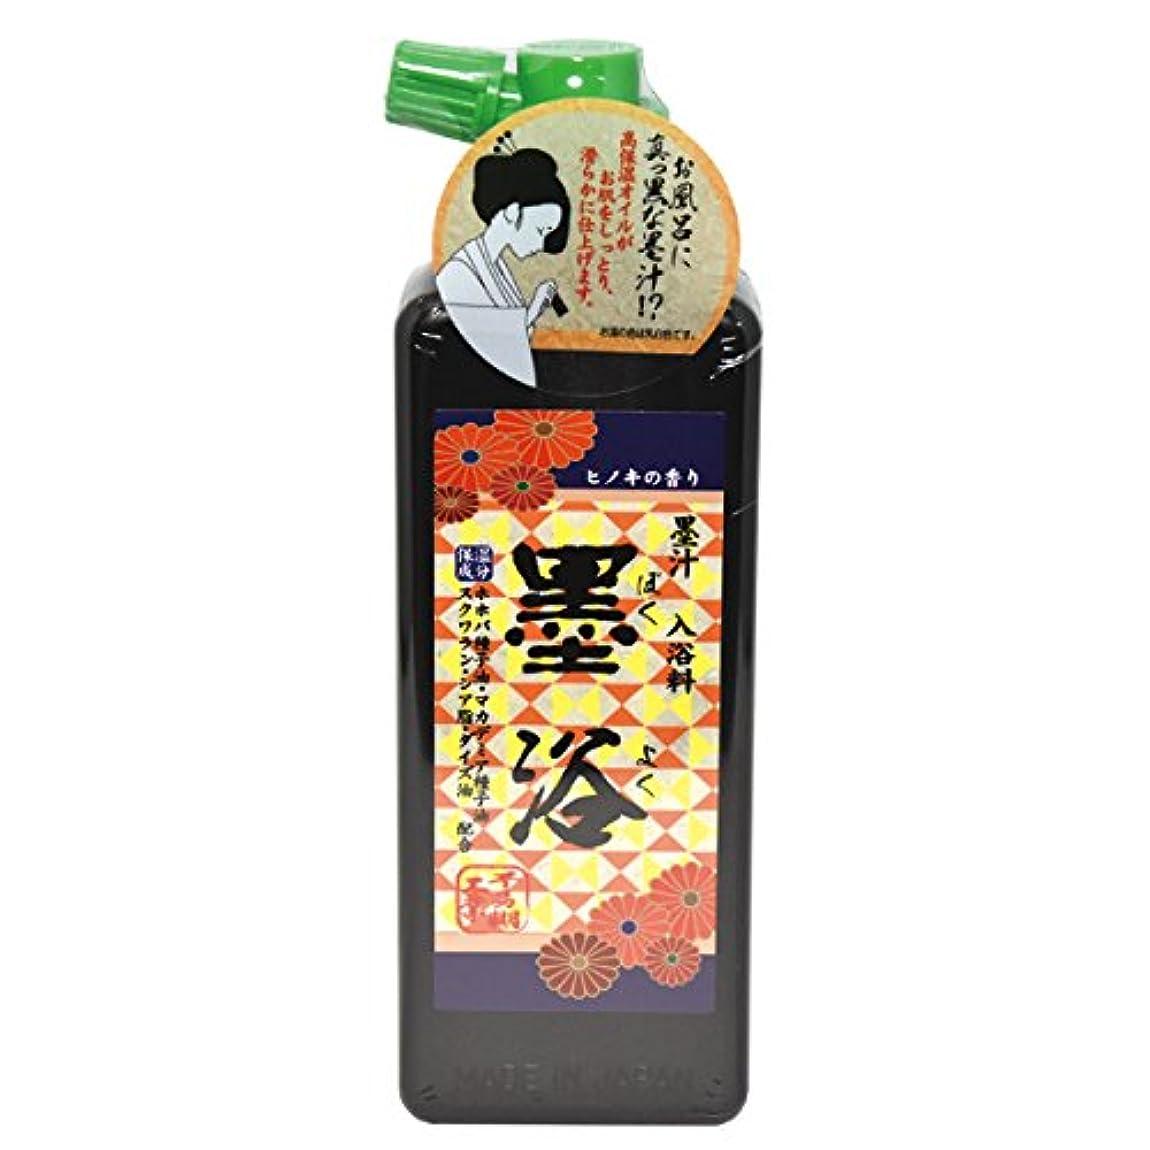 人気上げるムス墨浴 ぼくよく 入浴料 ヒノキの香り 不易糊工業 BY20